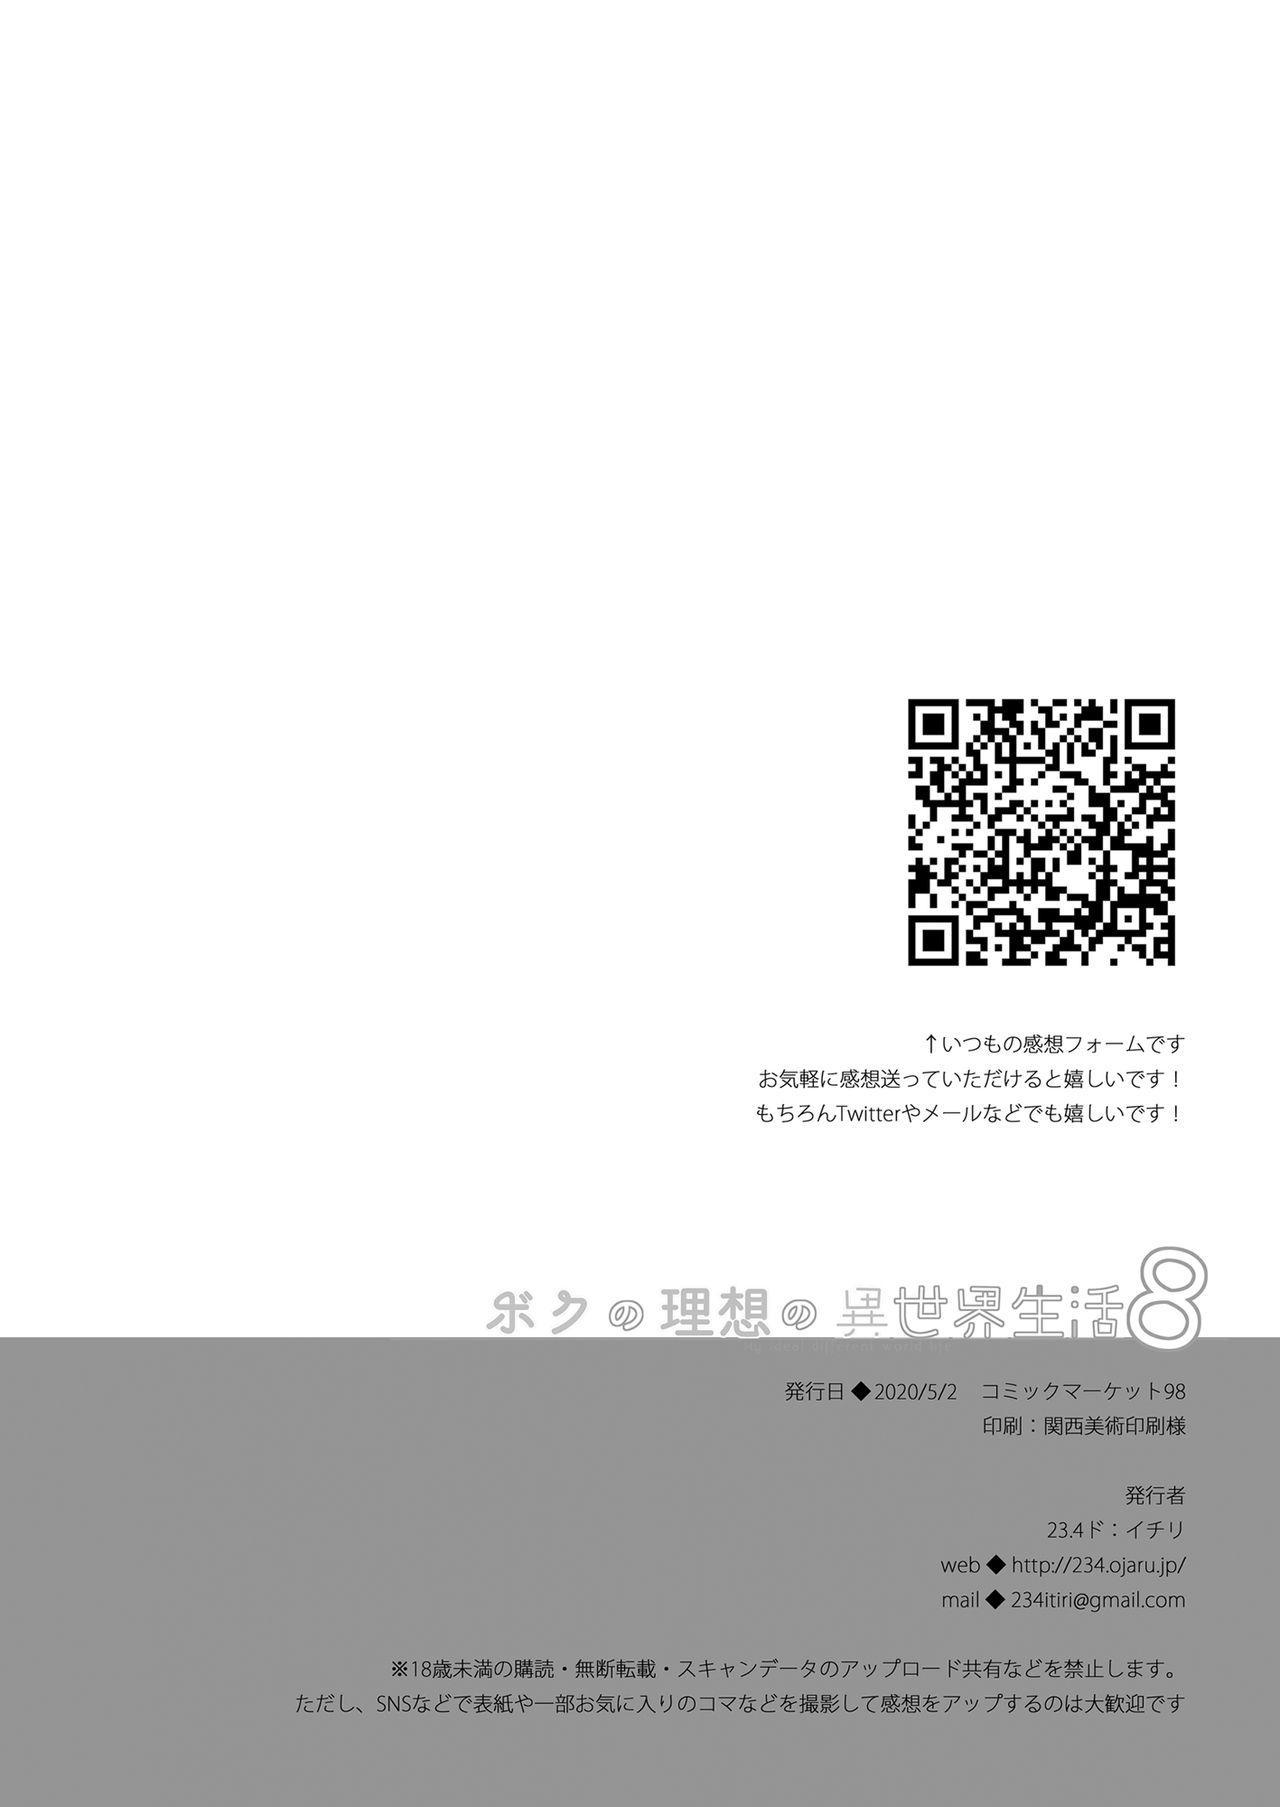 Boku no Risou no Isekai Seikatsu 8 29